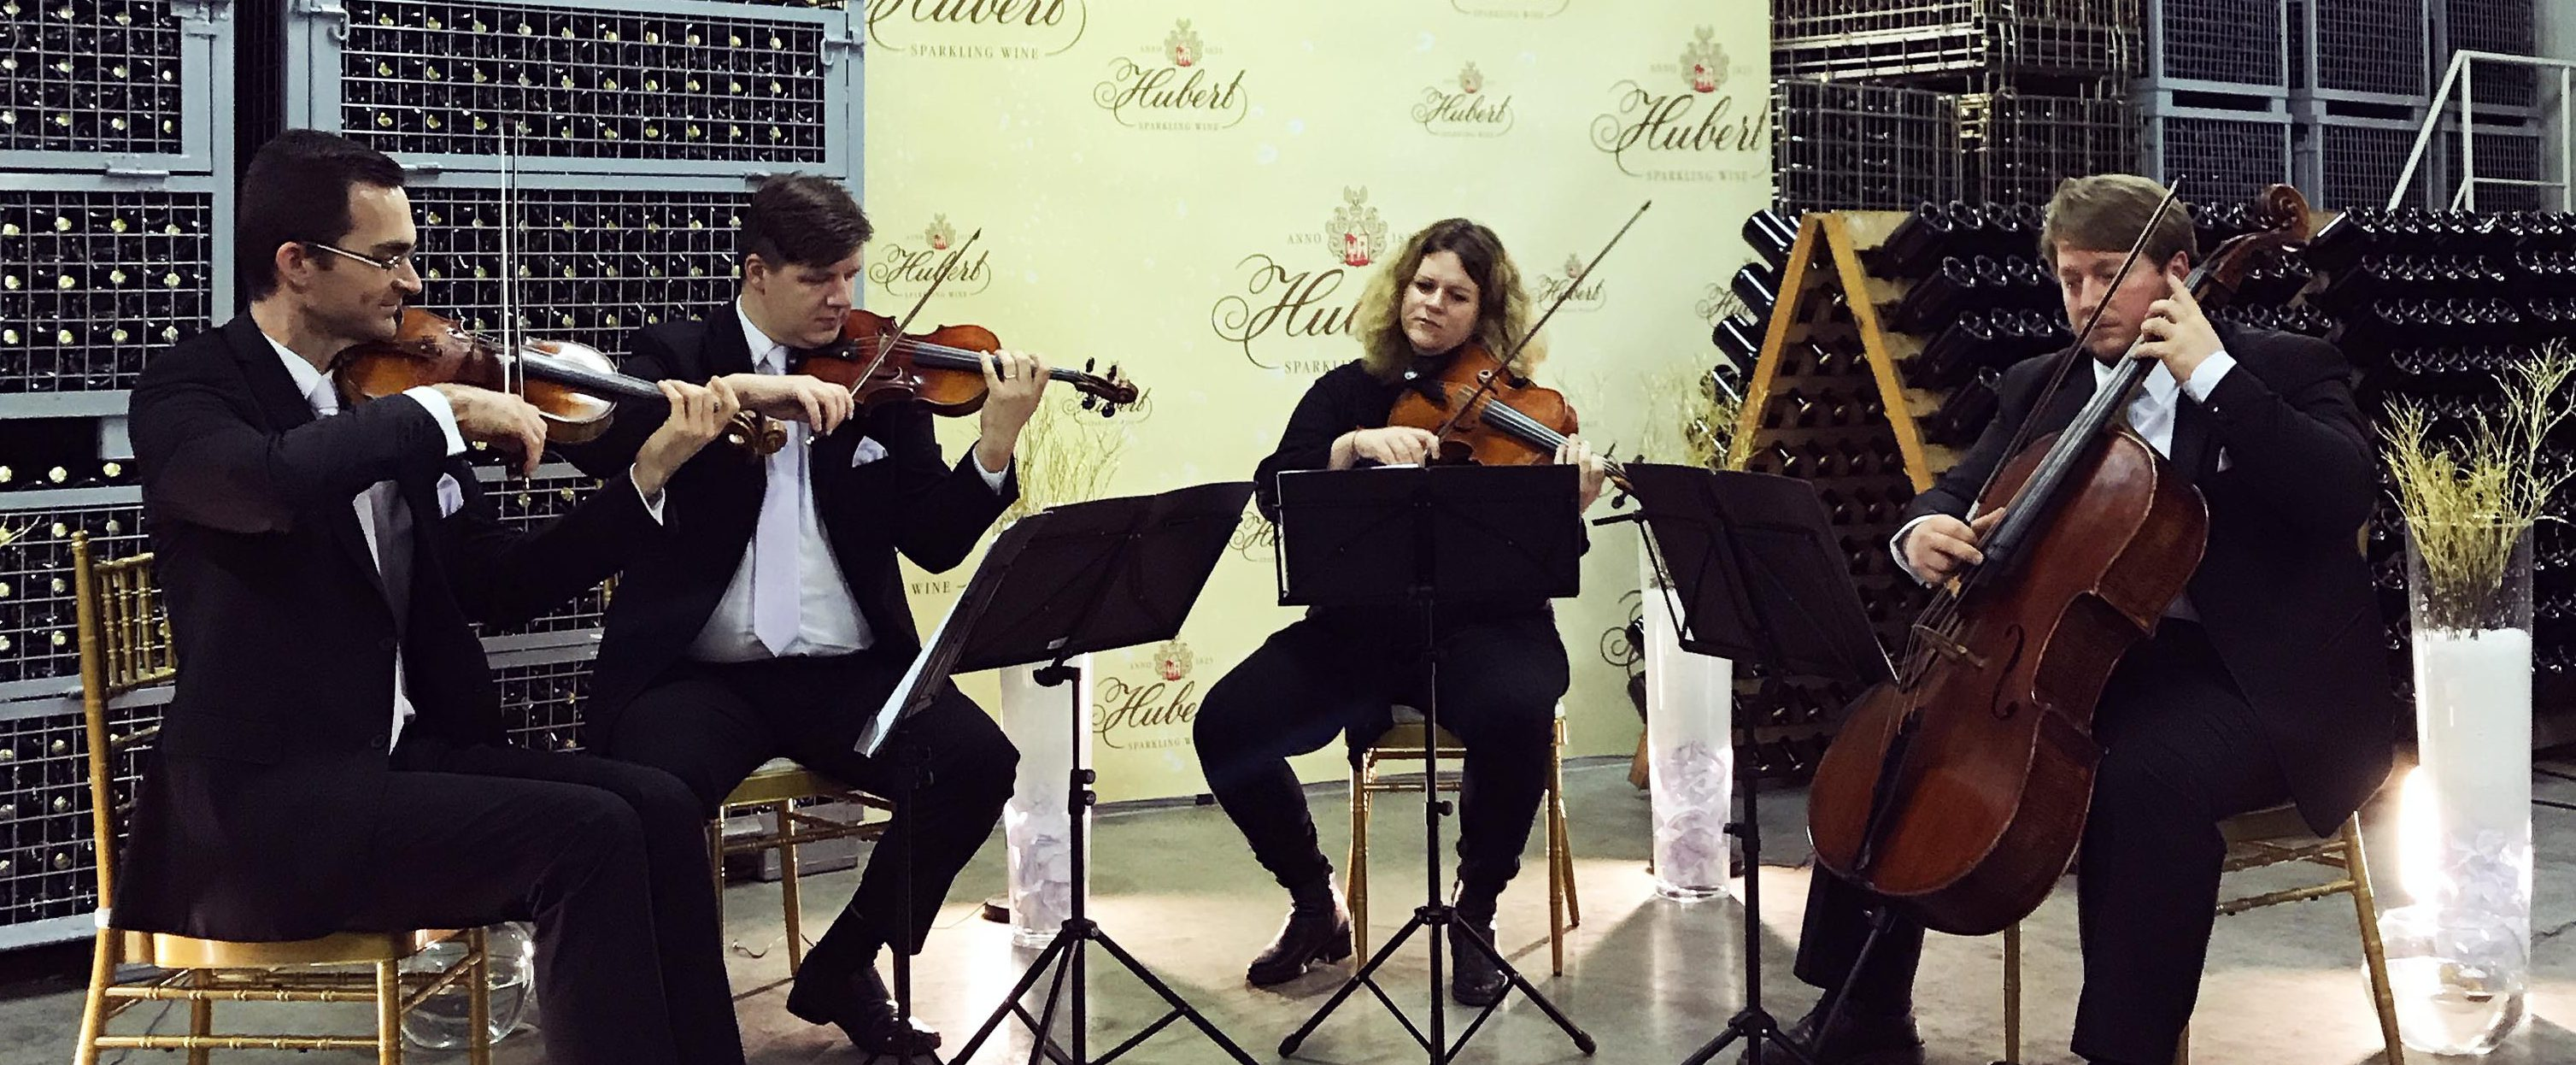 V sídle Hubertu odznel koncert kvasinkám